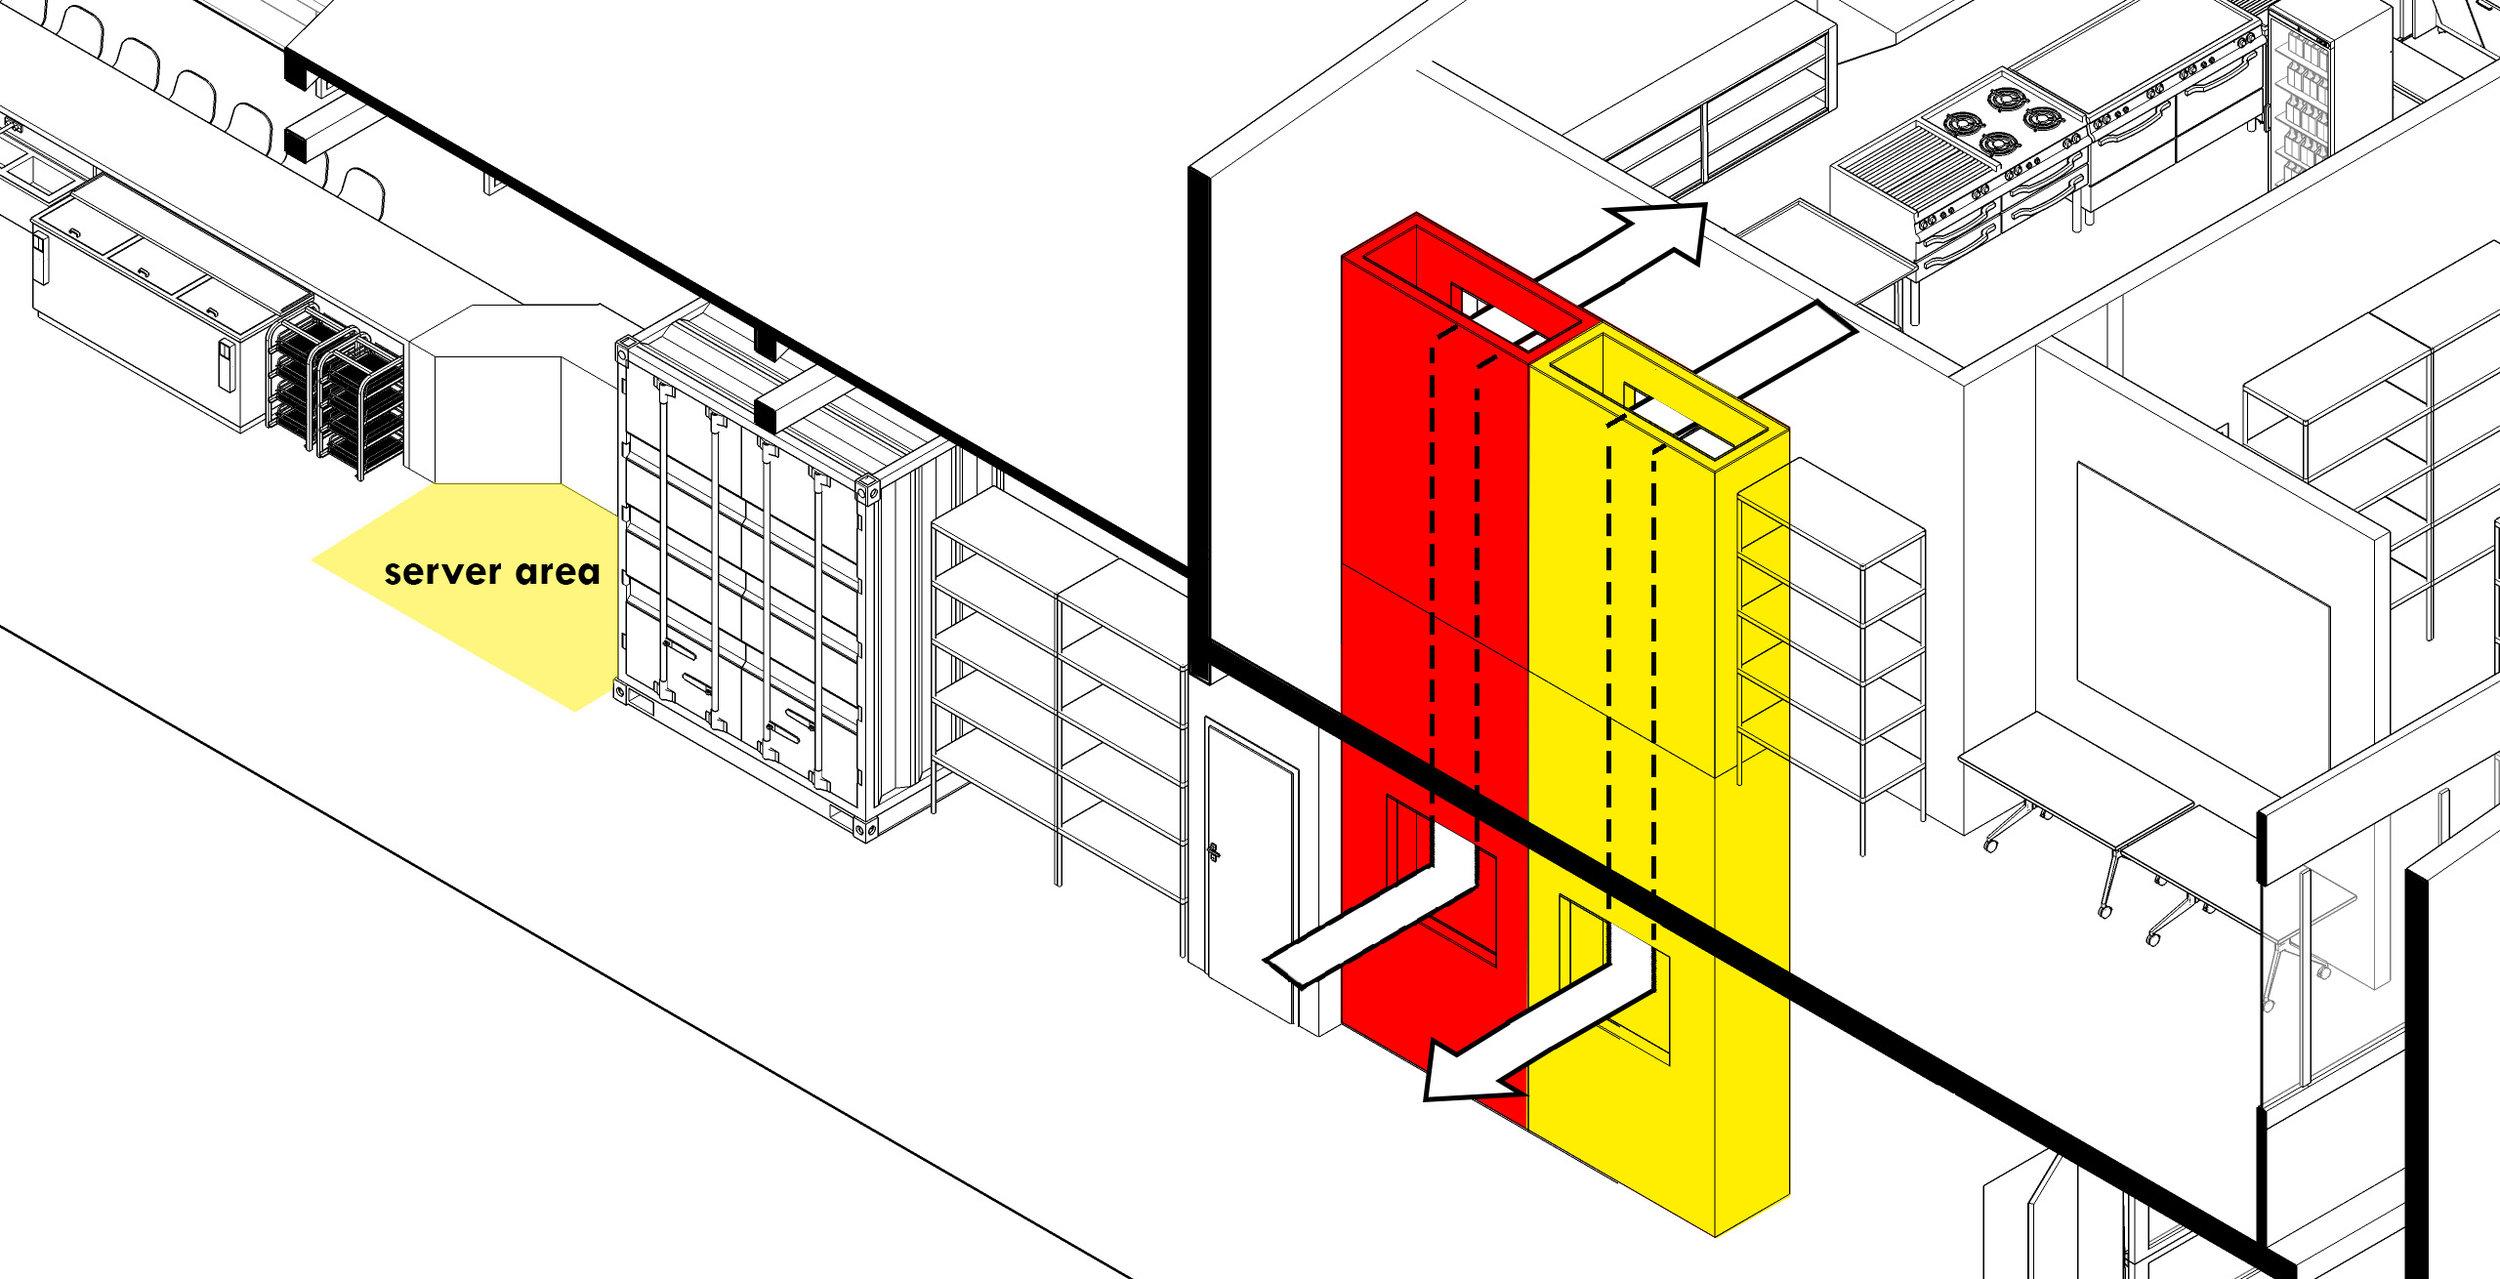 dumwaiter system